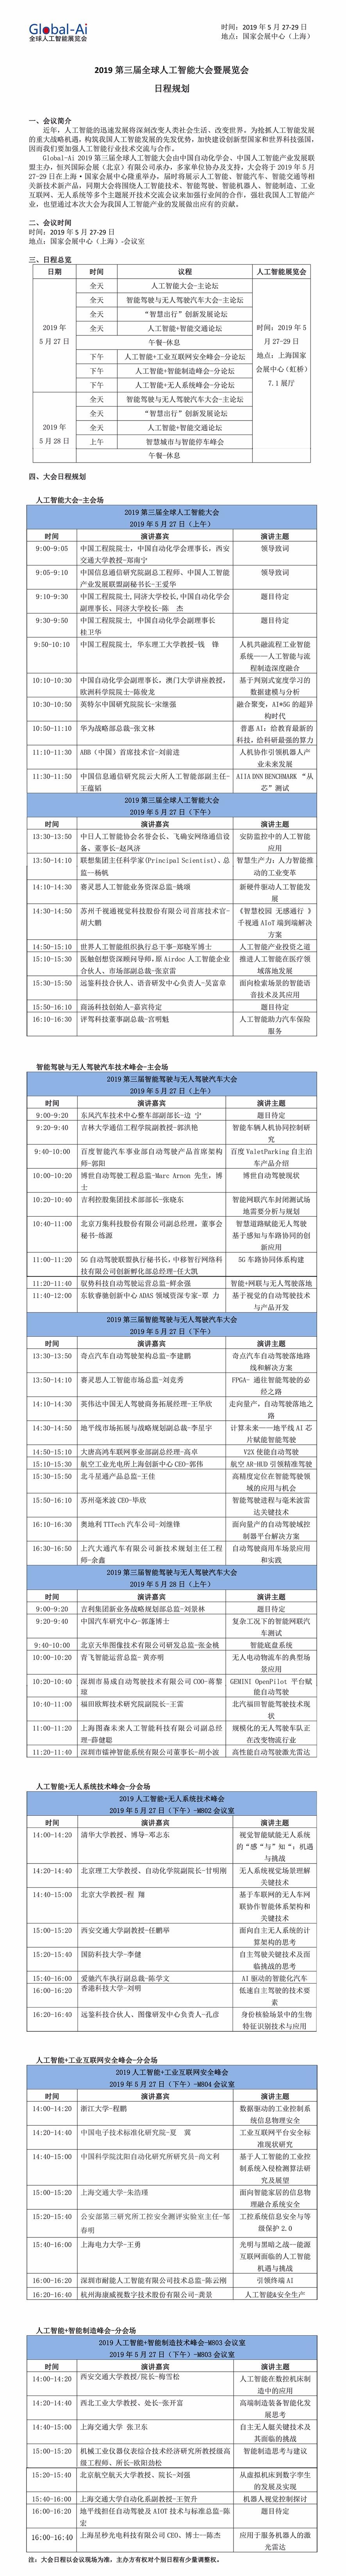 2019人工智能大会-日程副本.jpg